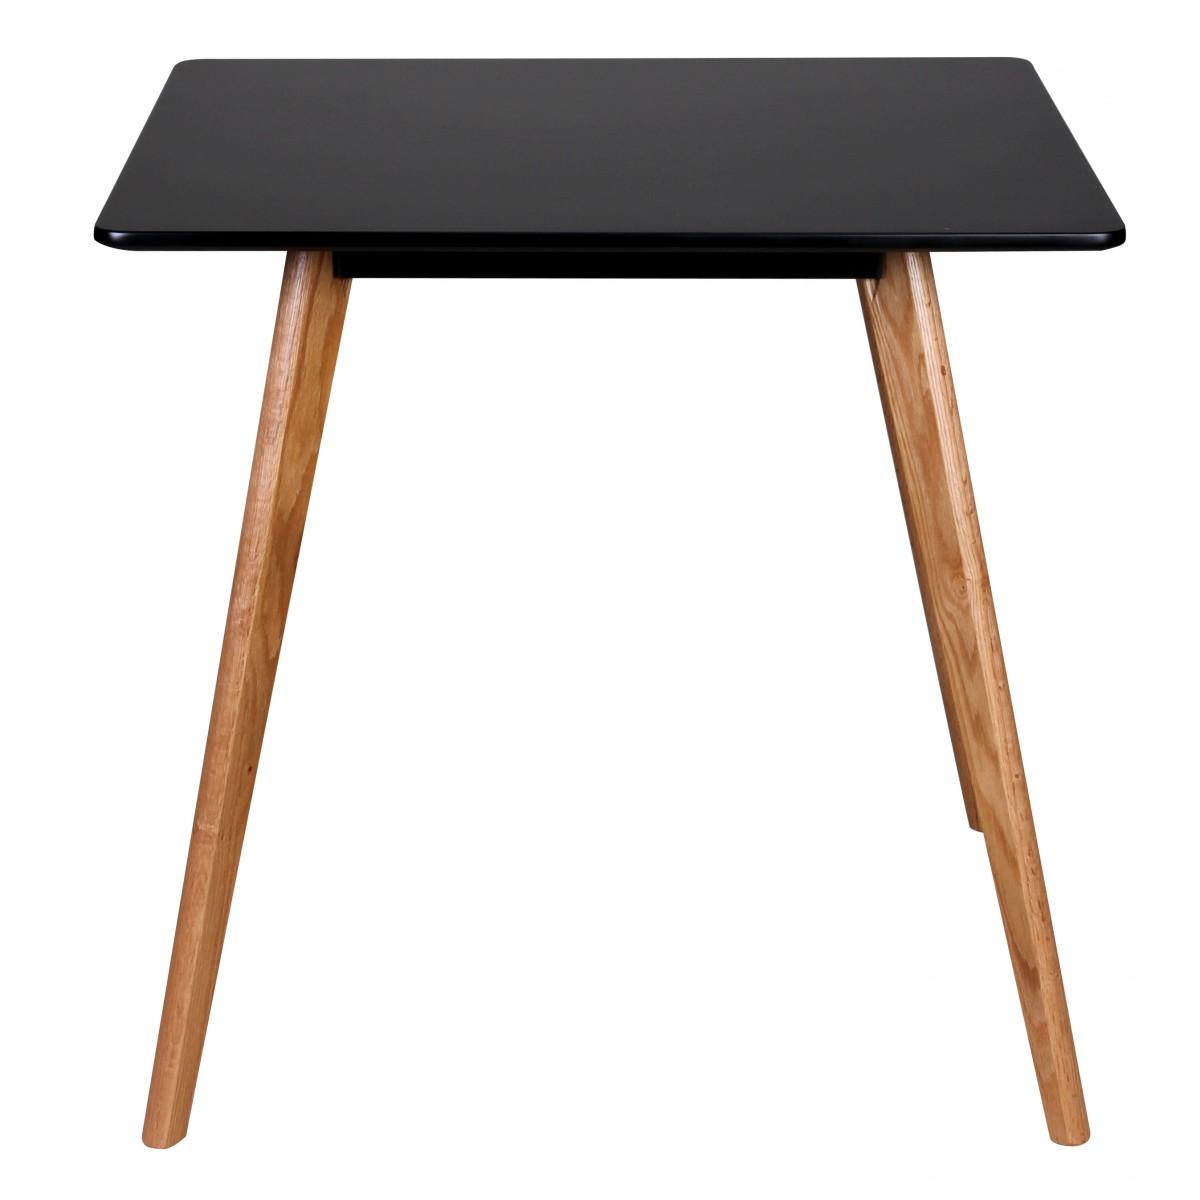 Jídelní stůl Scanio, 80 cm, černá/dub